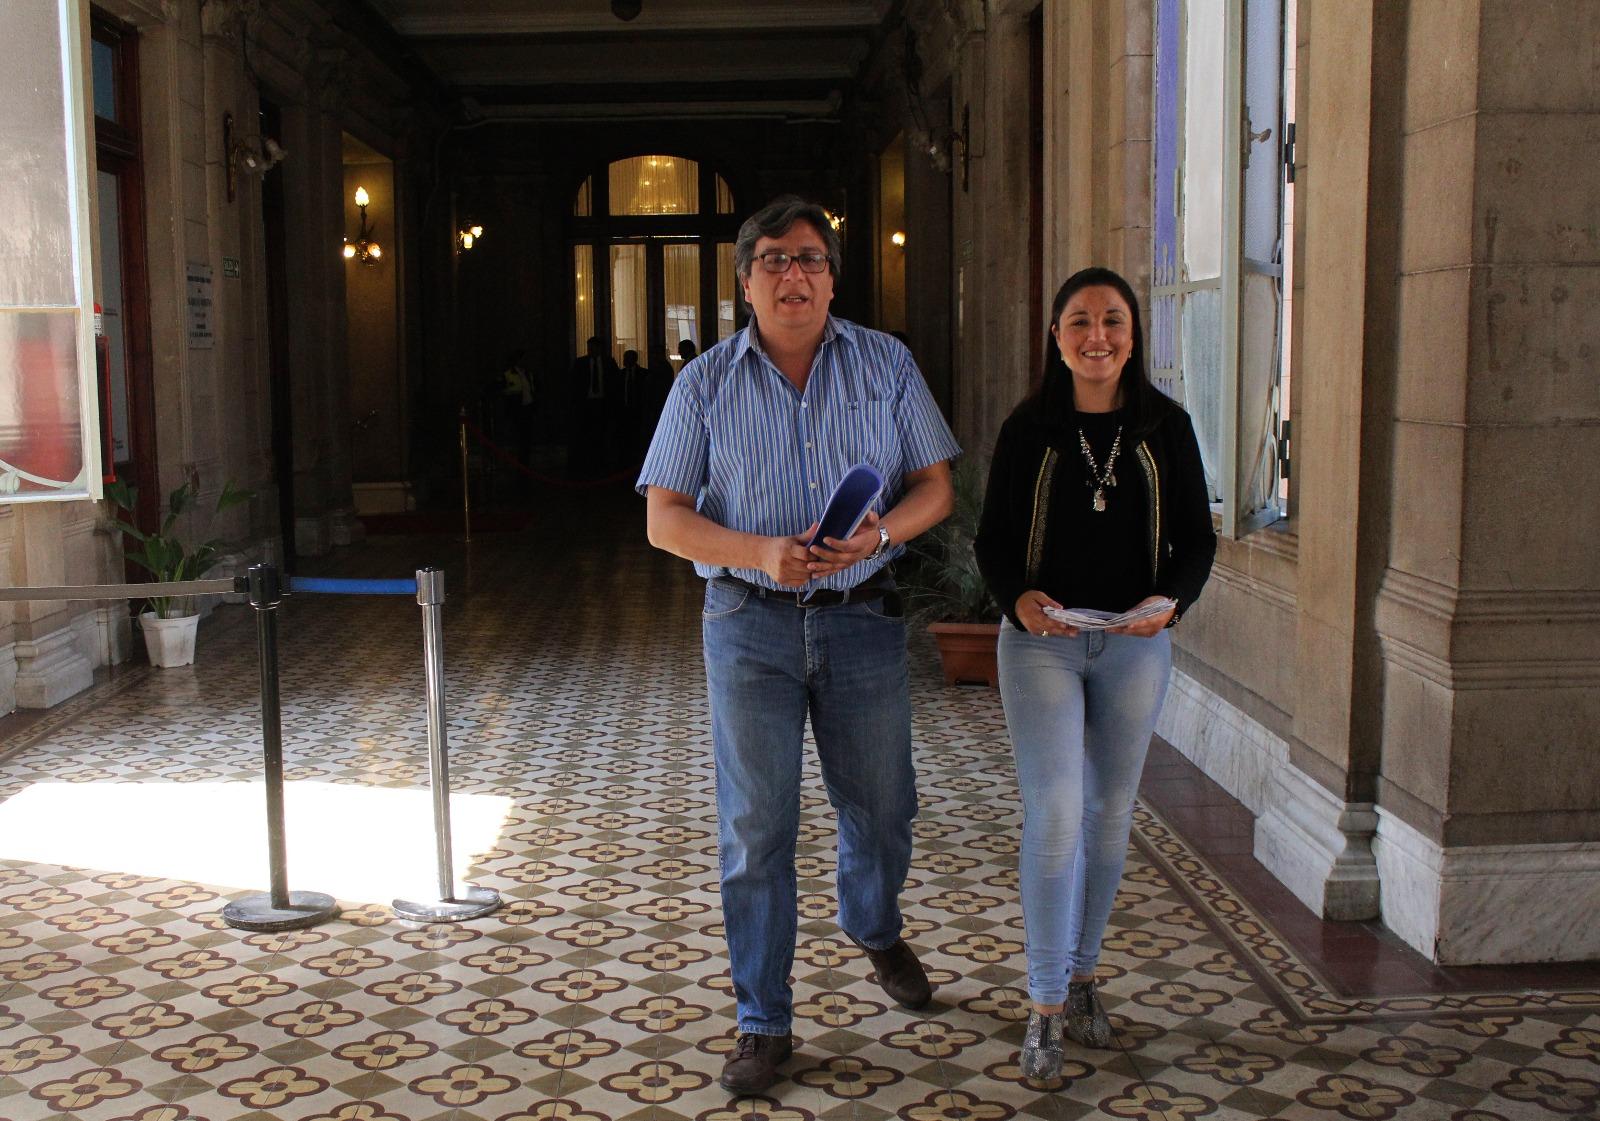 PROYECTO DE LEY POR EL BOLETO ESTUDIANTIL EN TUCUMÁN